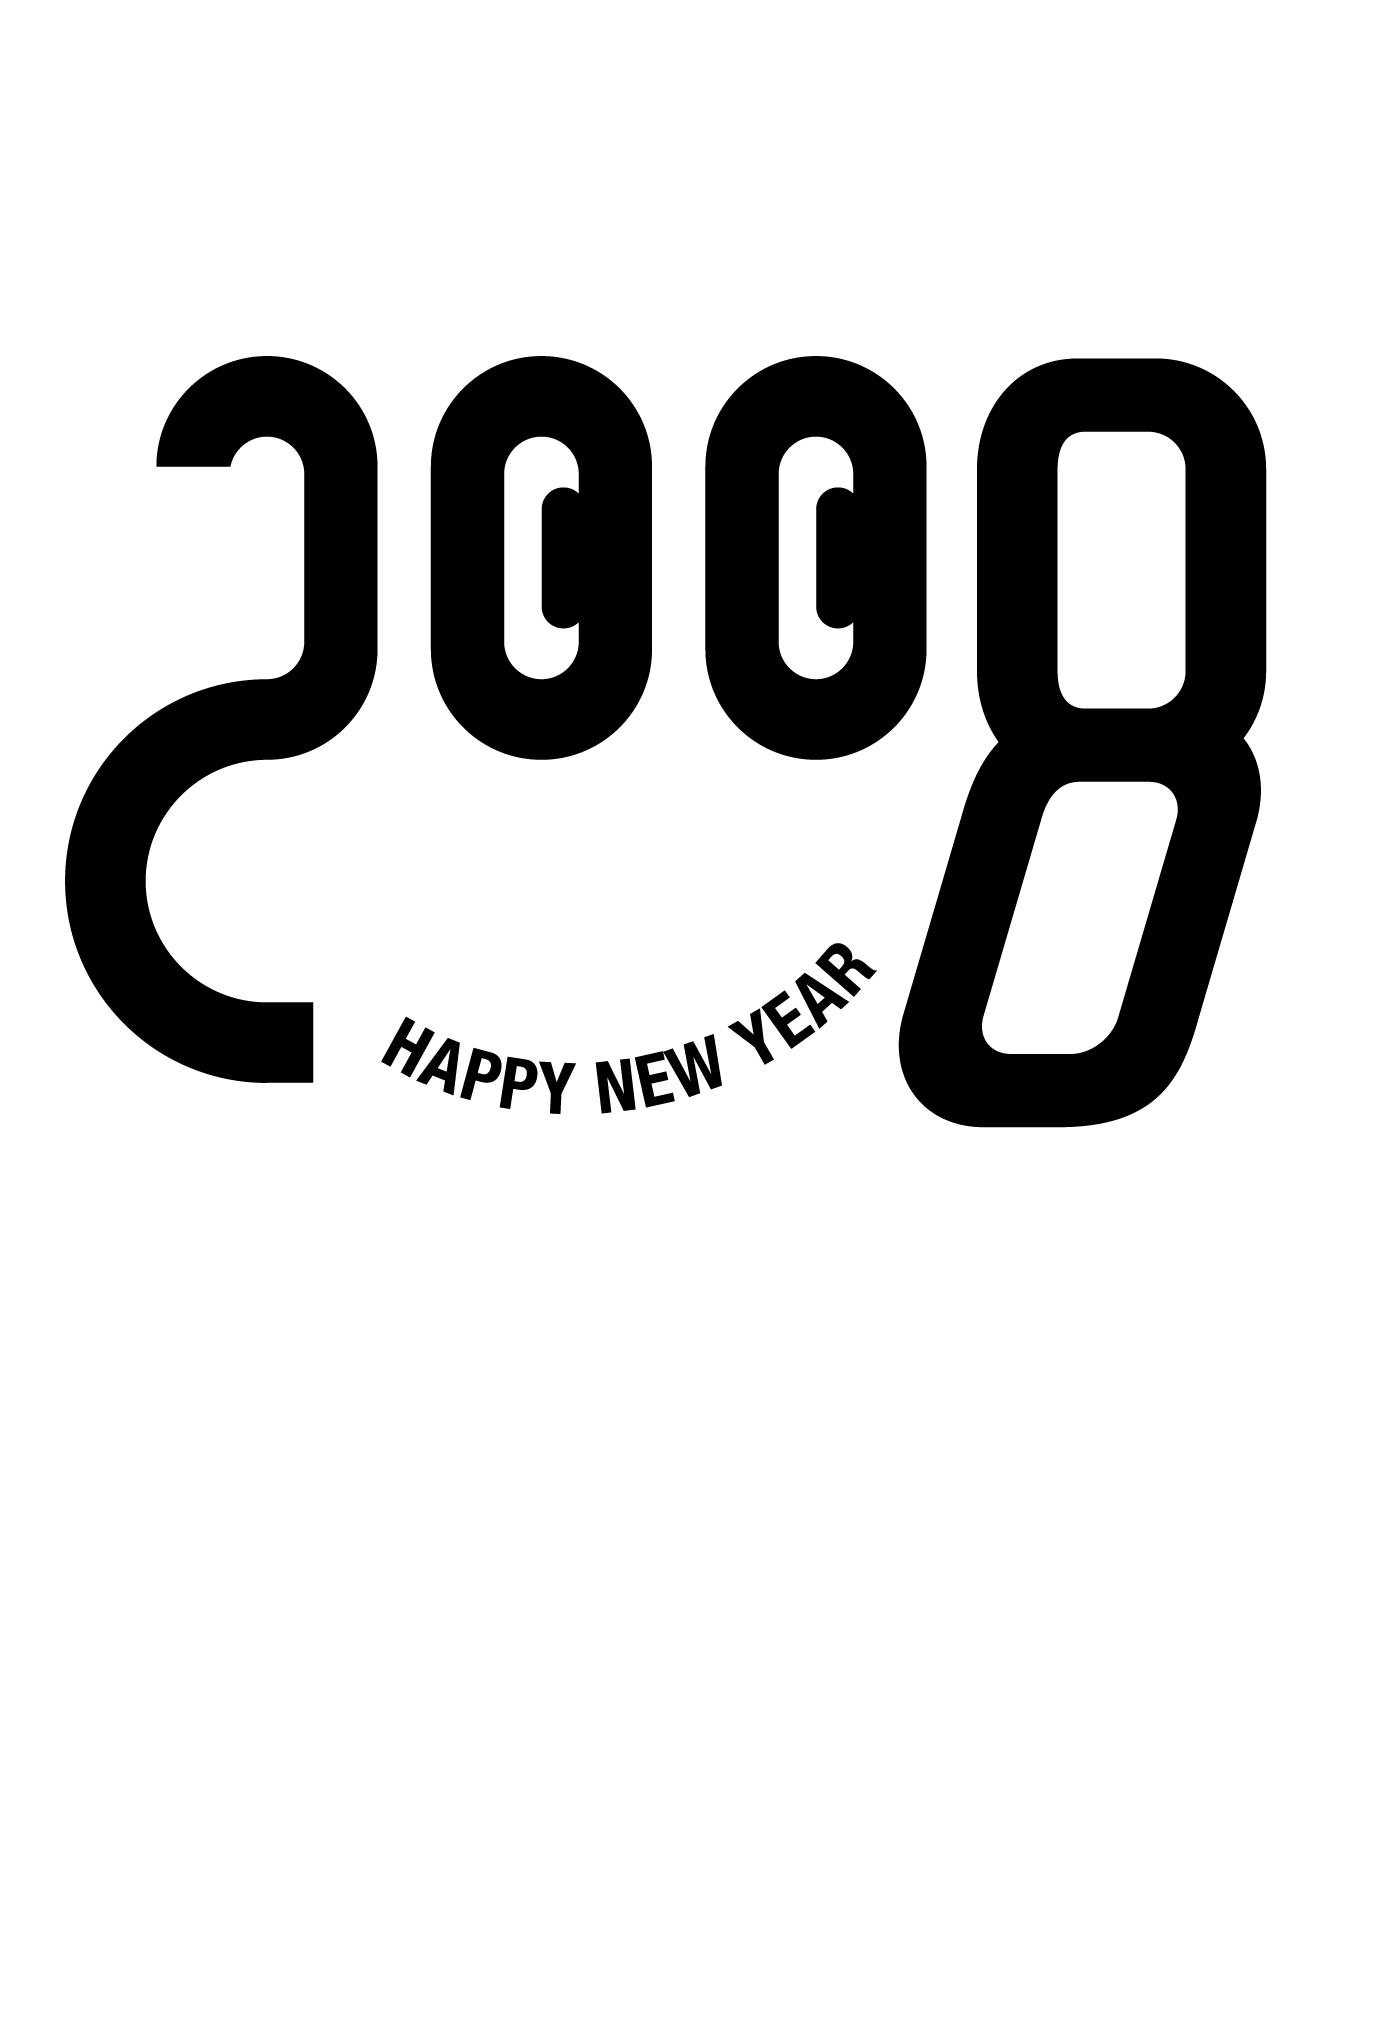 2008年賀状25:2008 FACEのダウンロード画像